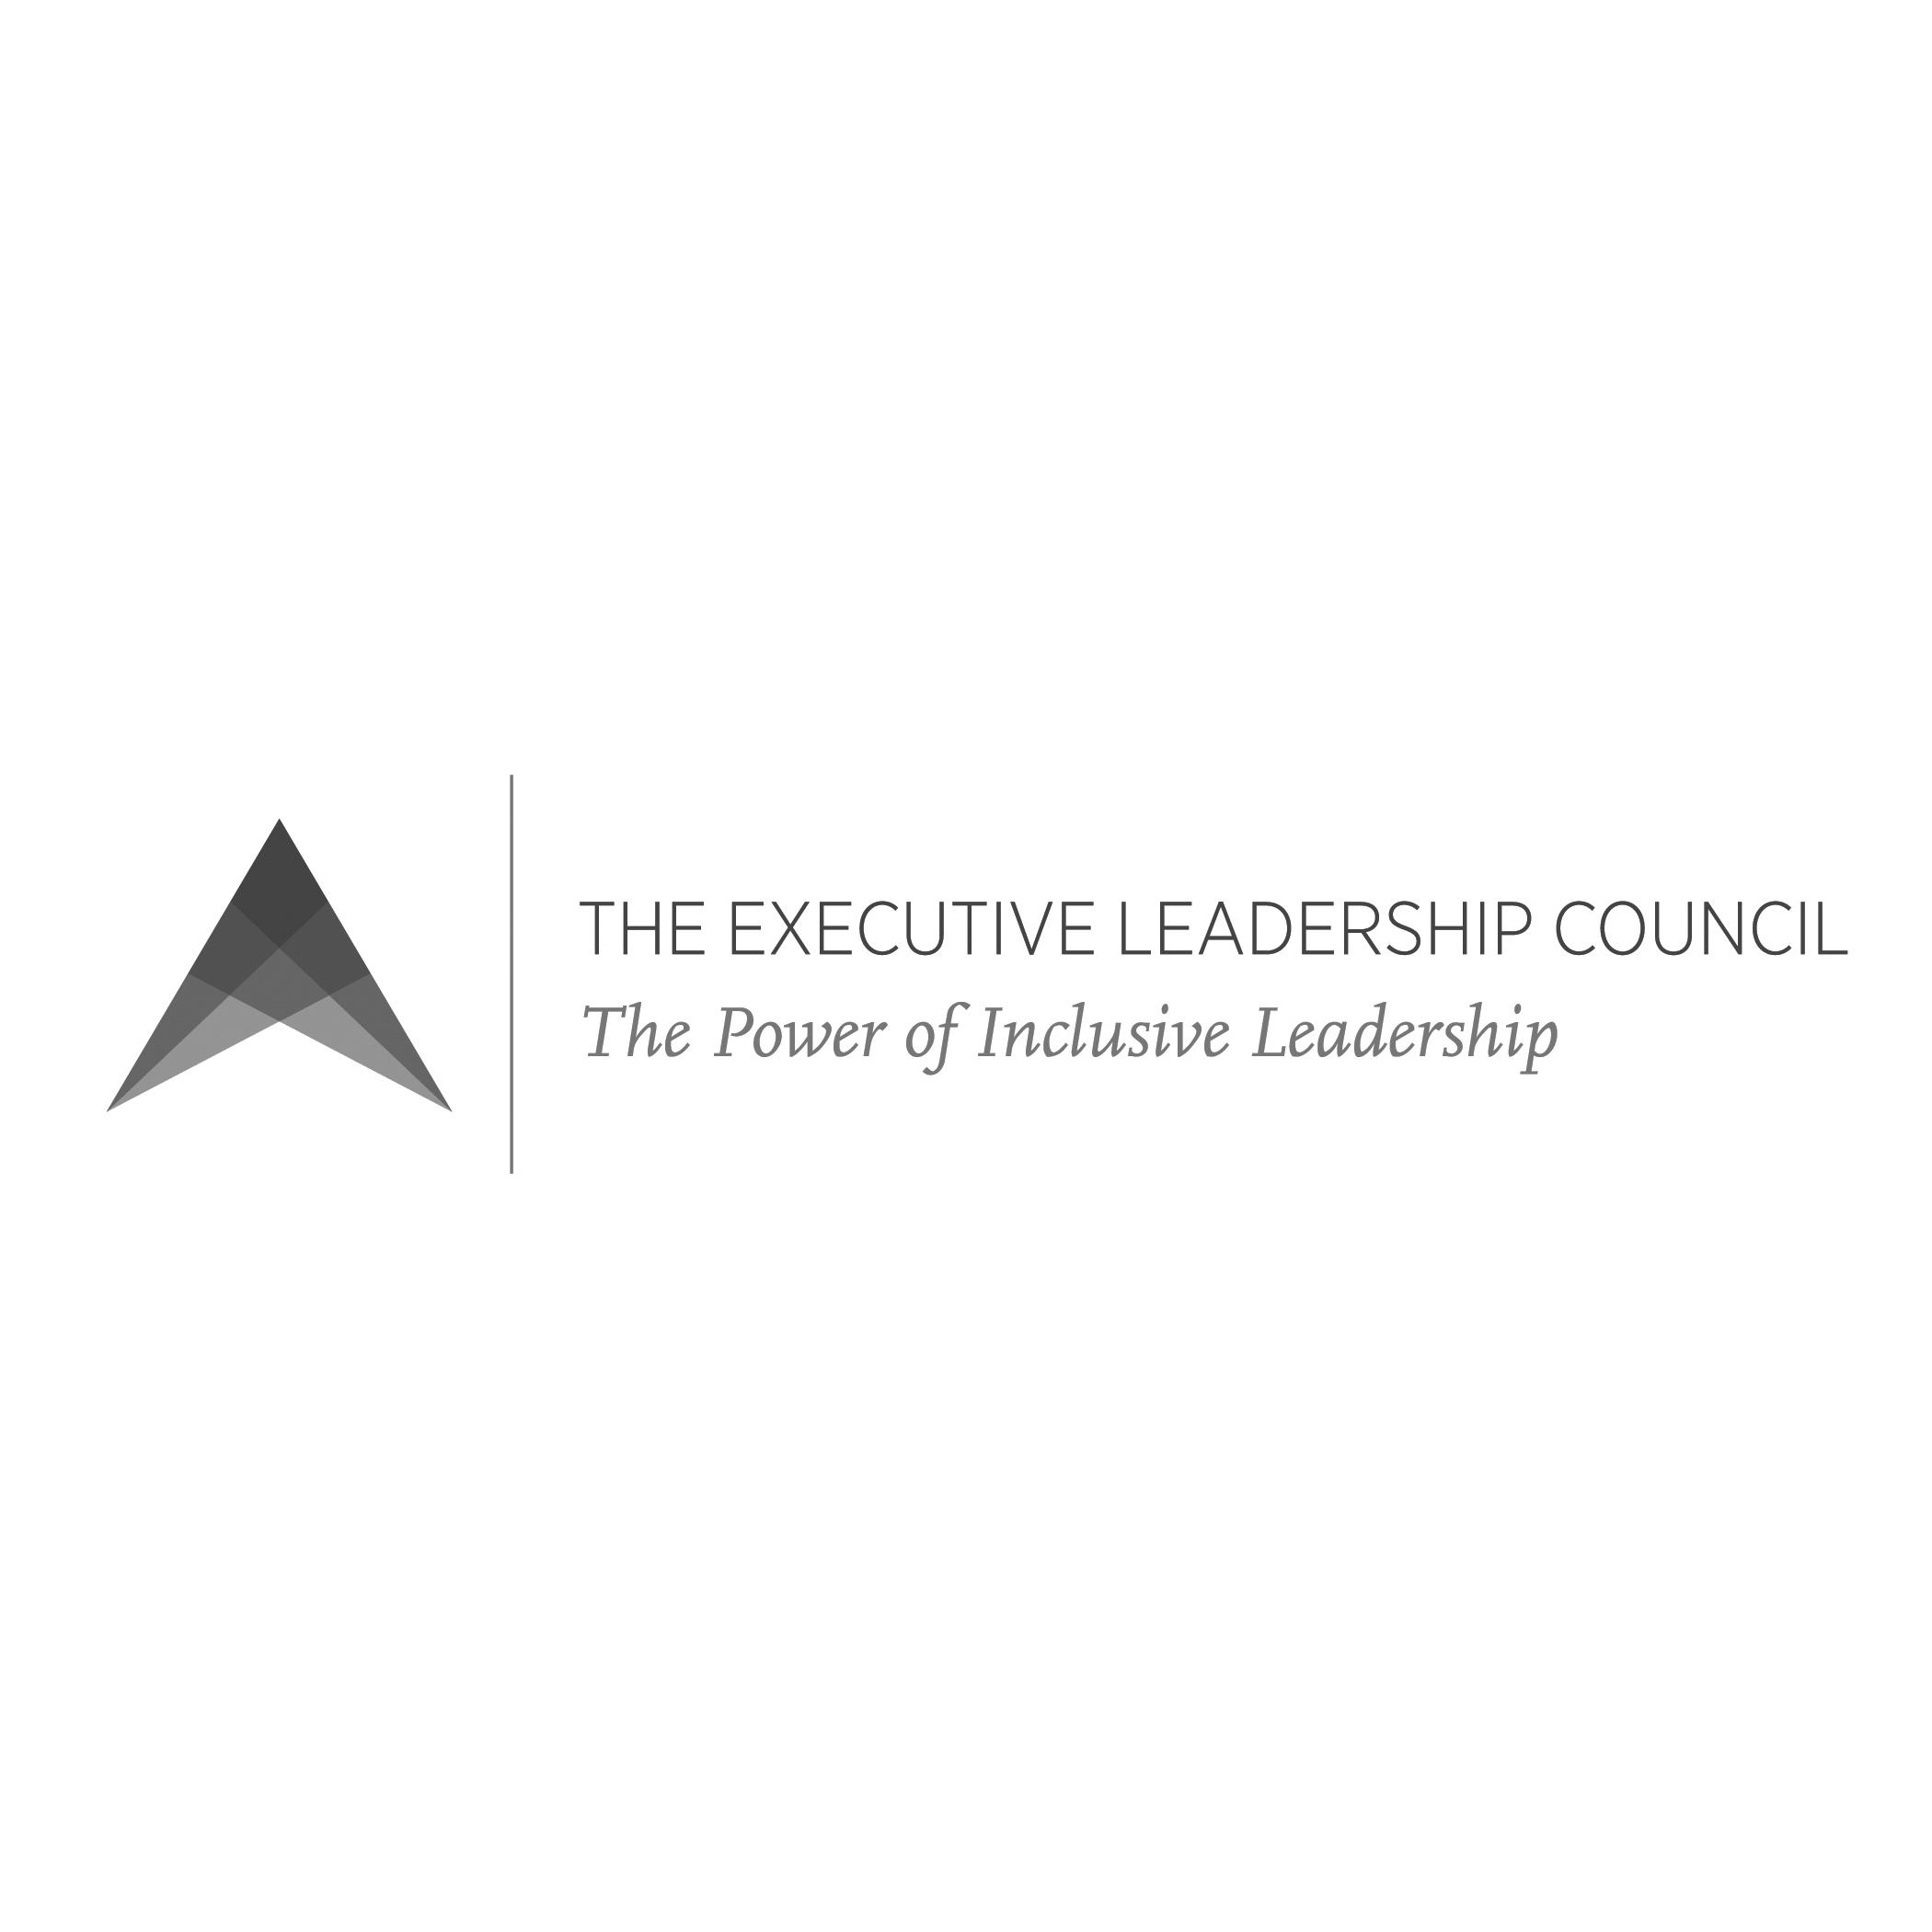 Executive Leadership Council